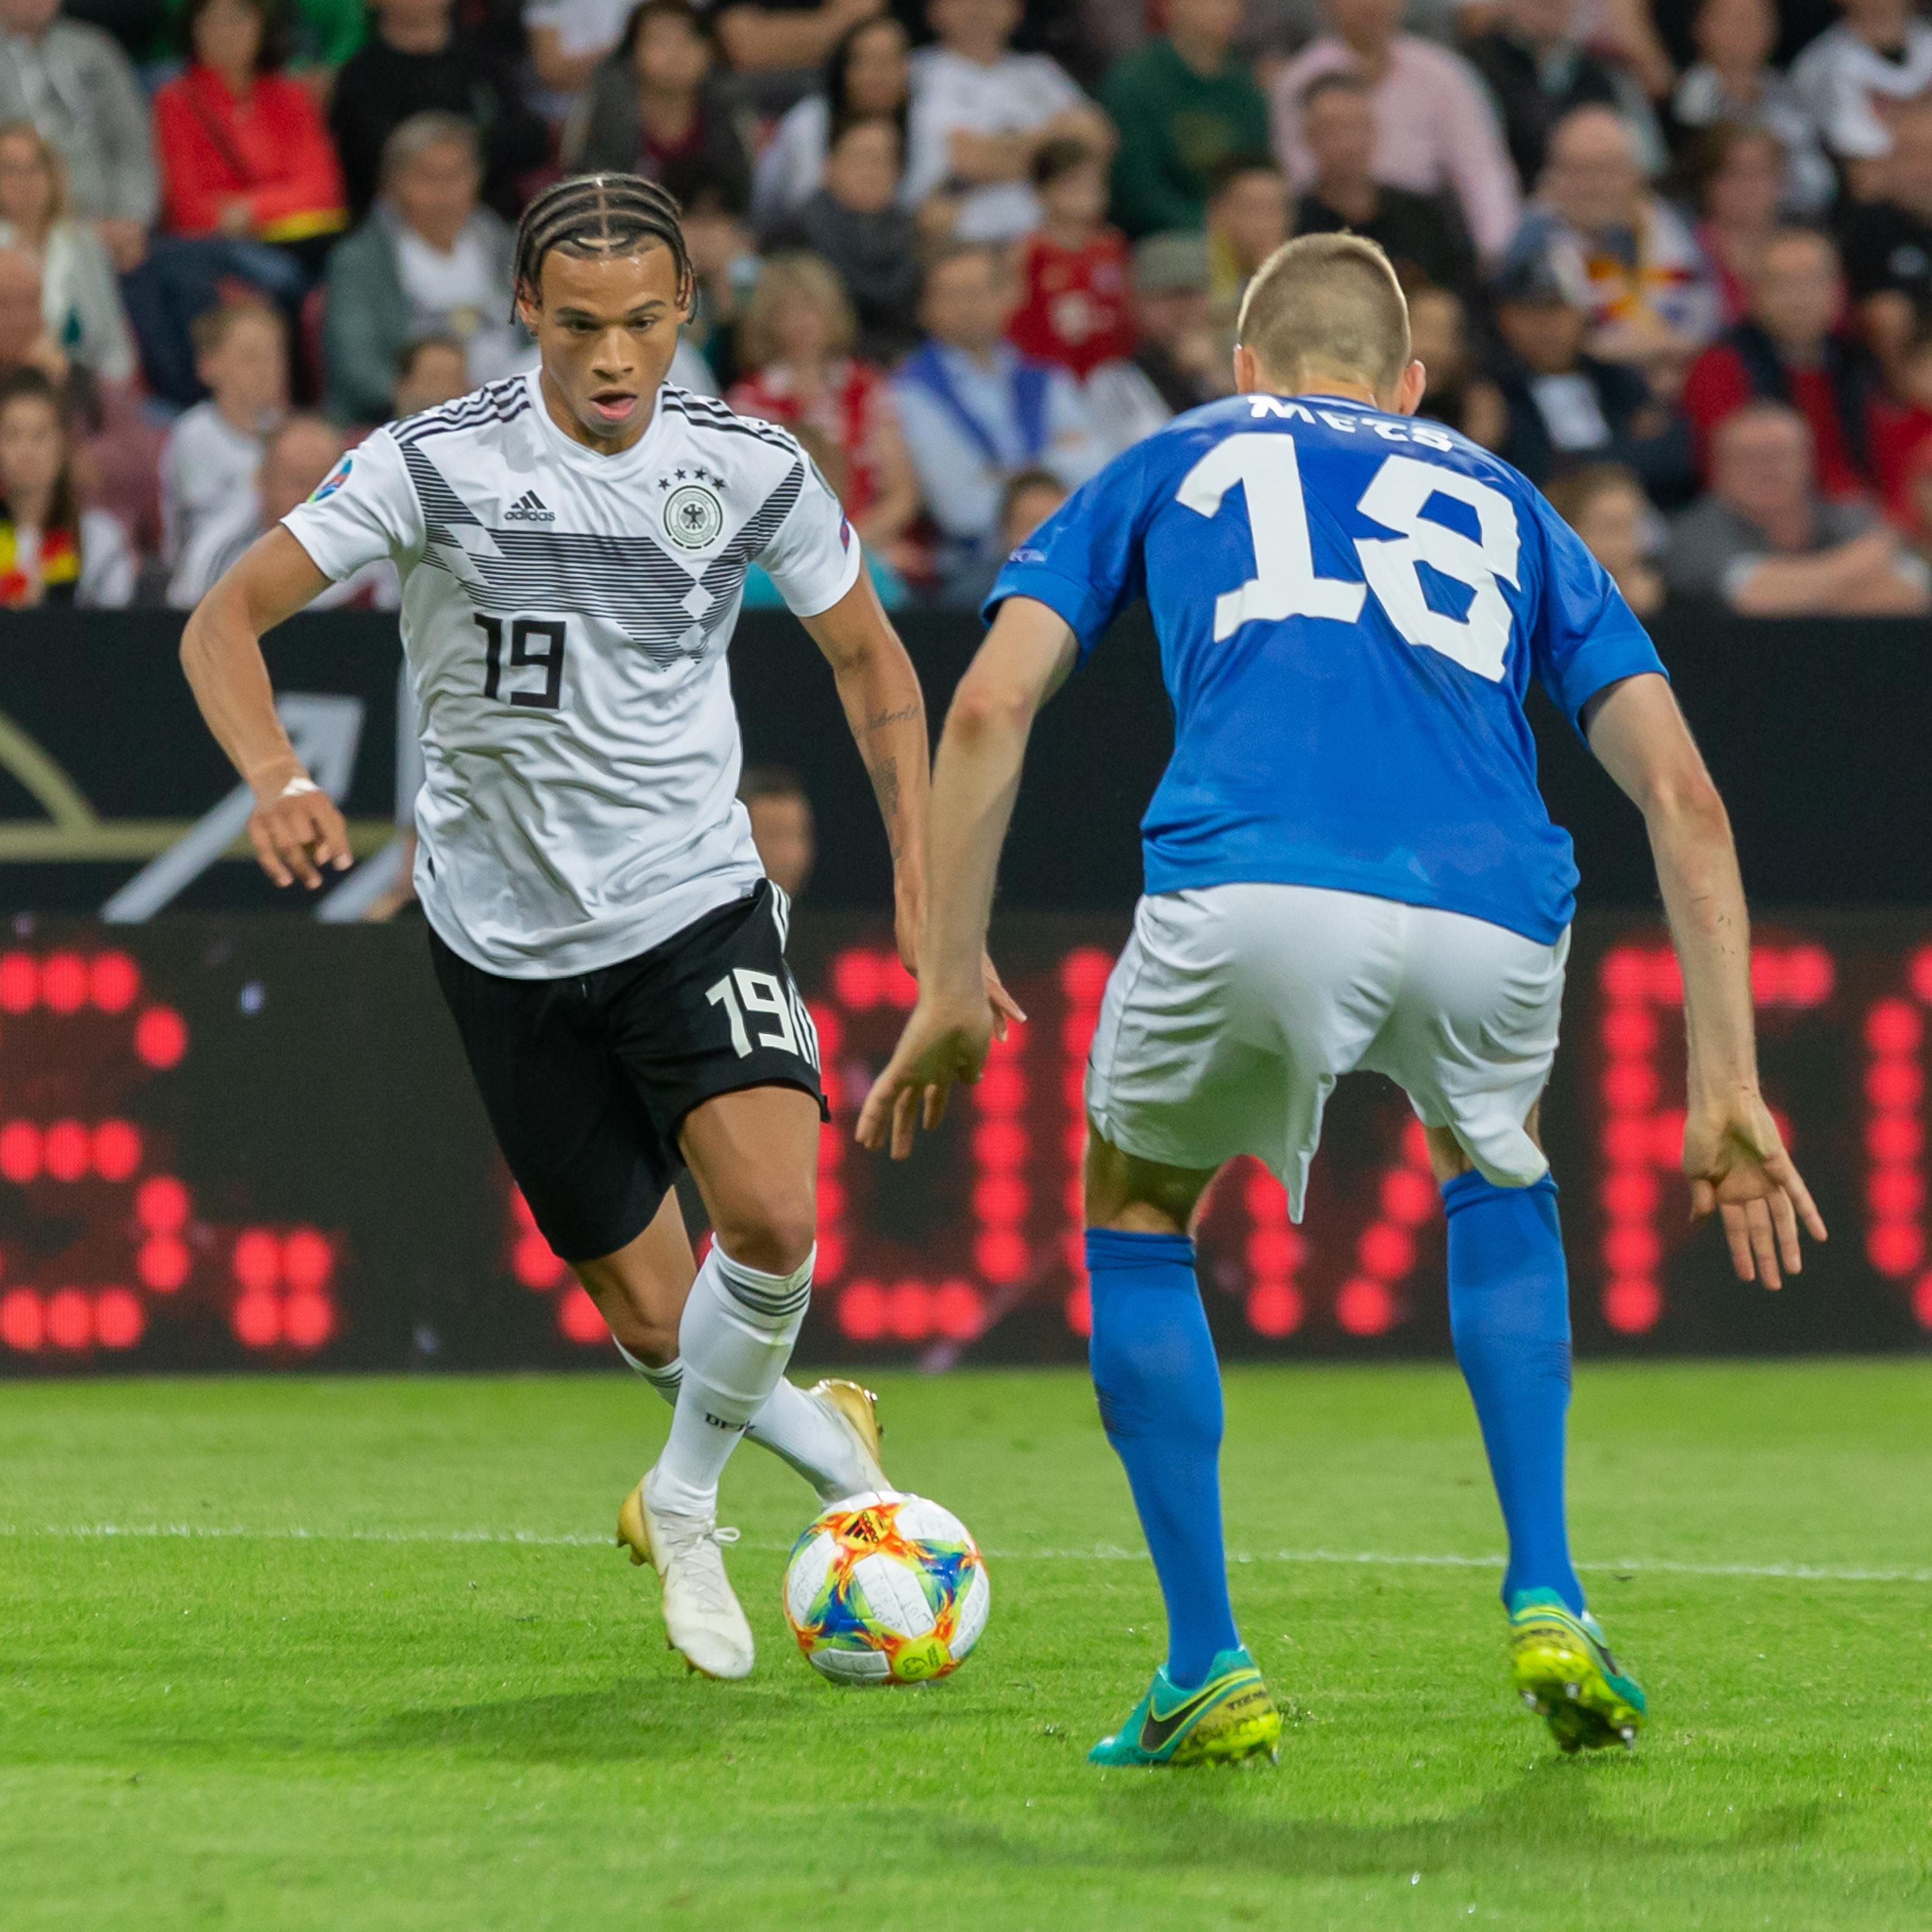 File:2019-06-11 Fußball, Männer, Länderspiel, Deutschland-Estland StP 2234 LR10 by Stepro.jpg